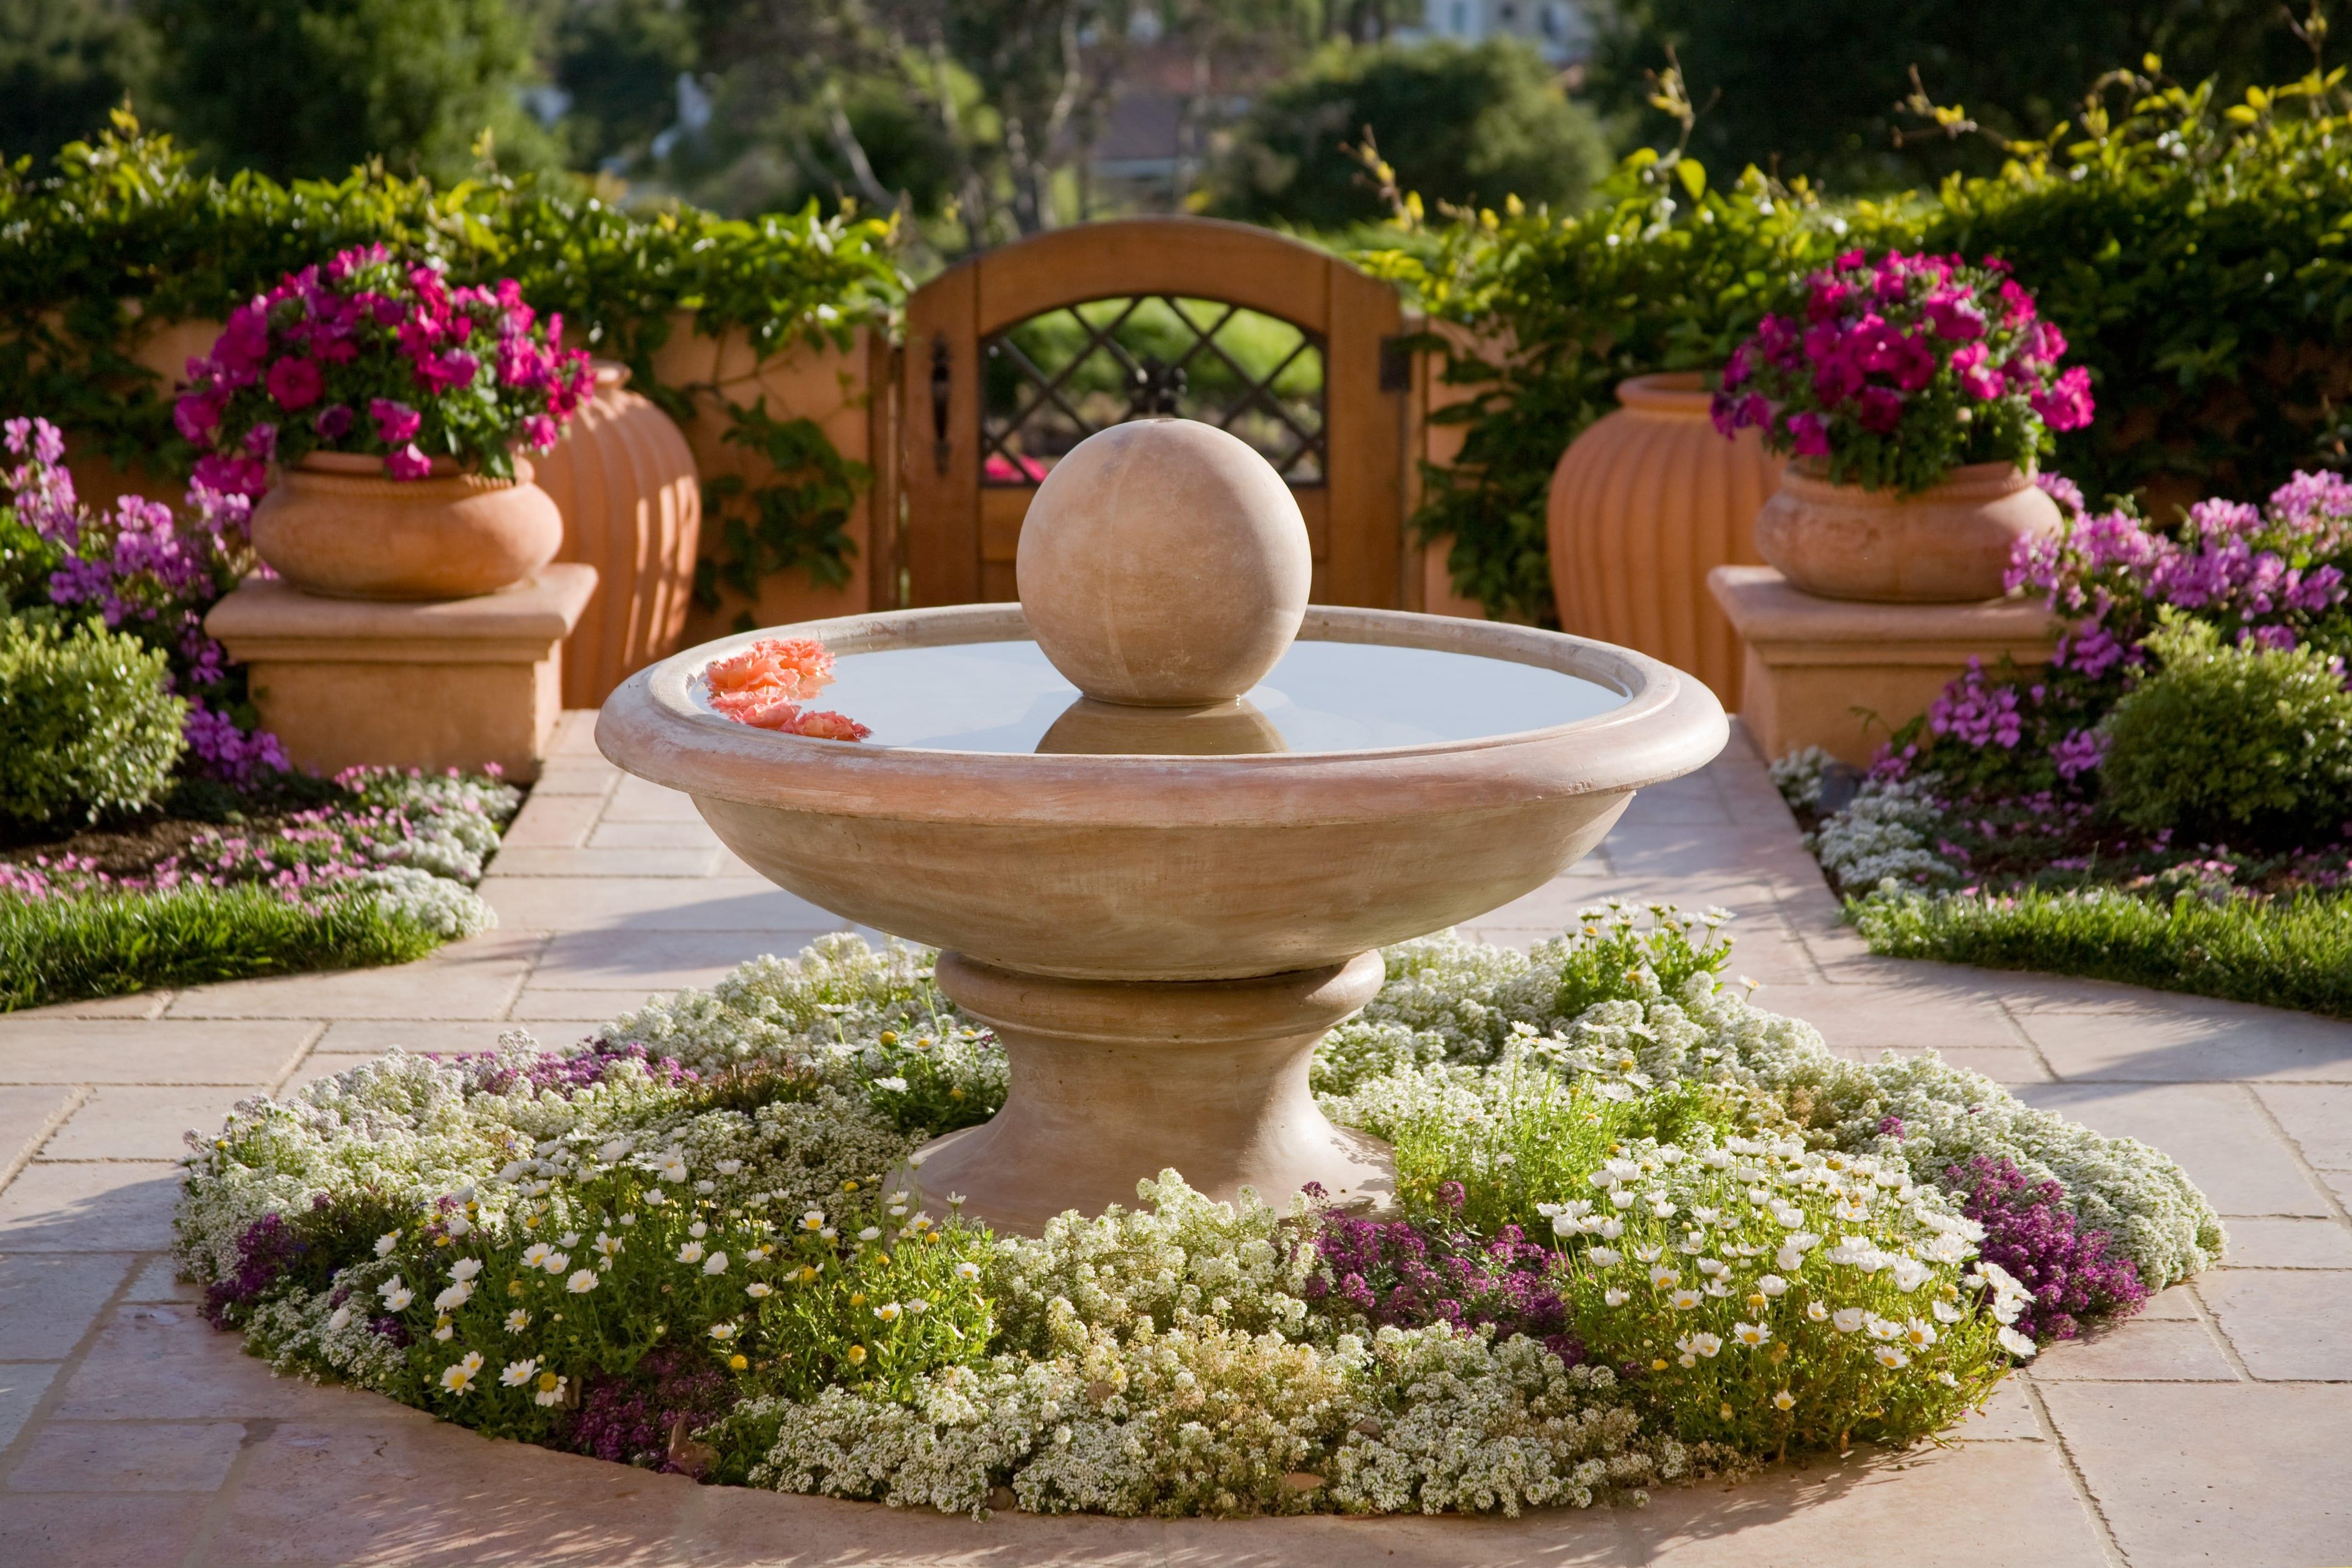 Gestalten Sie Ihre Eigene Gartenschau - Freshouse 20 Ideen Fur Gartenbrunnen